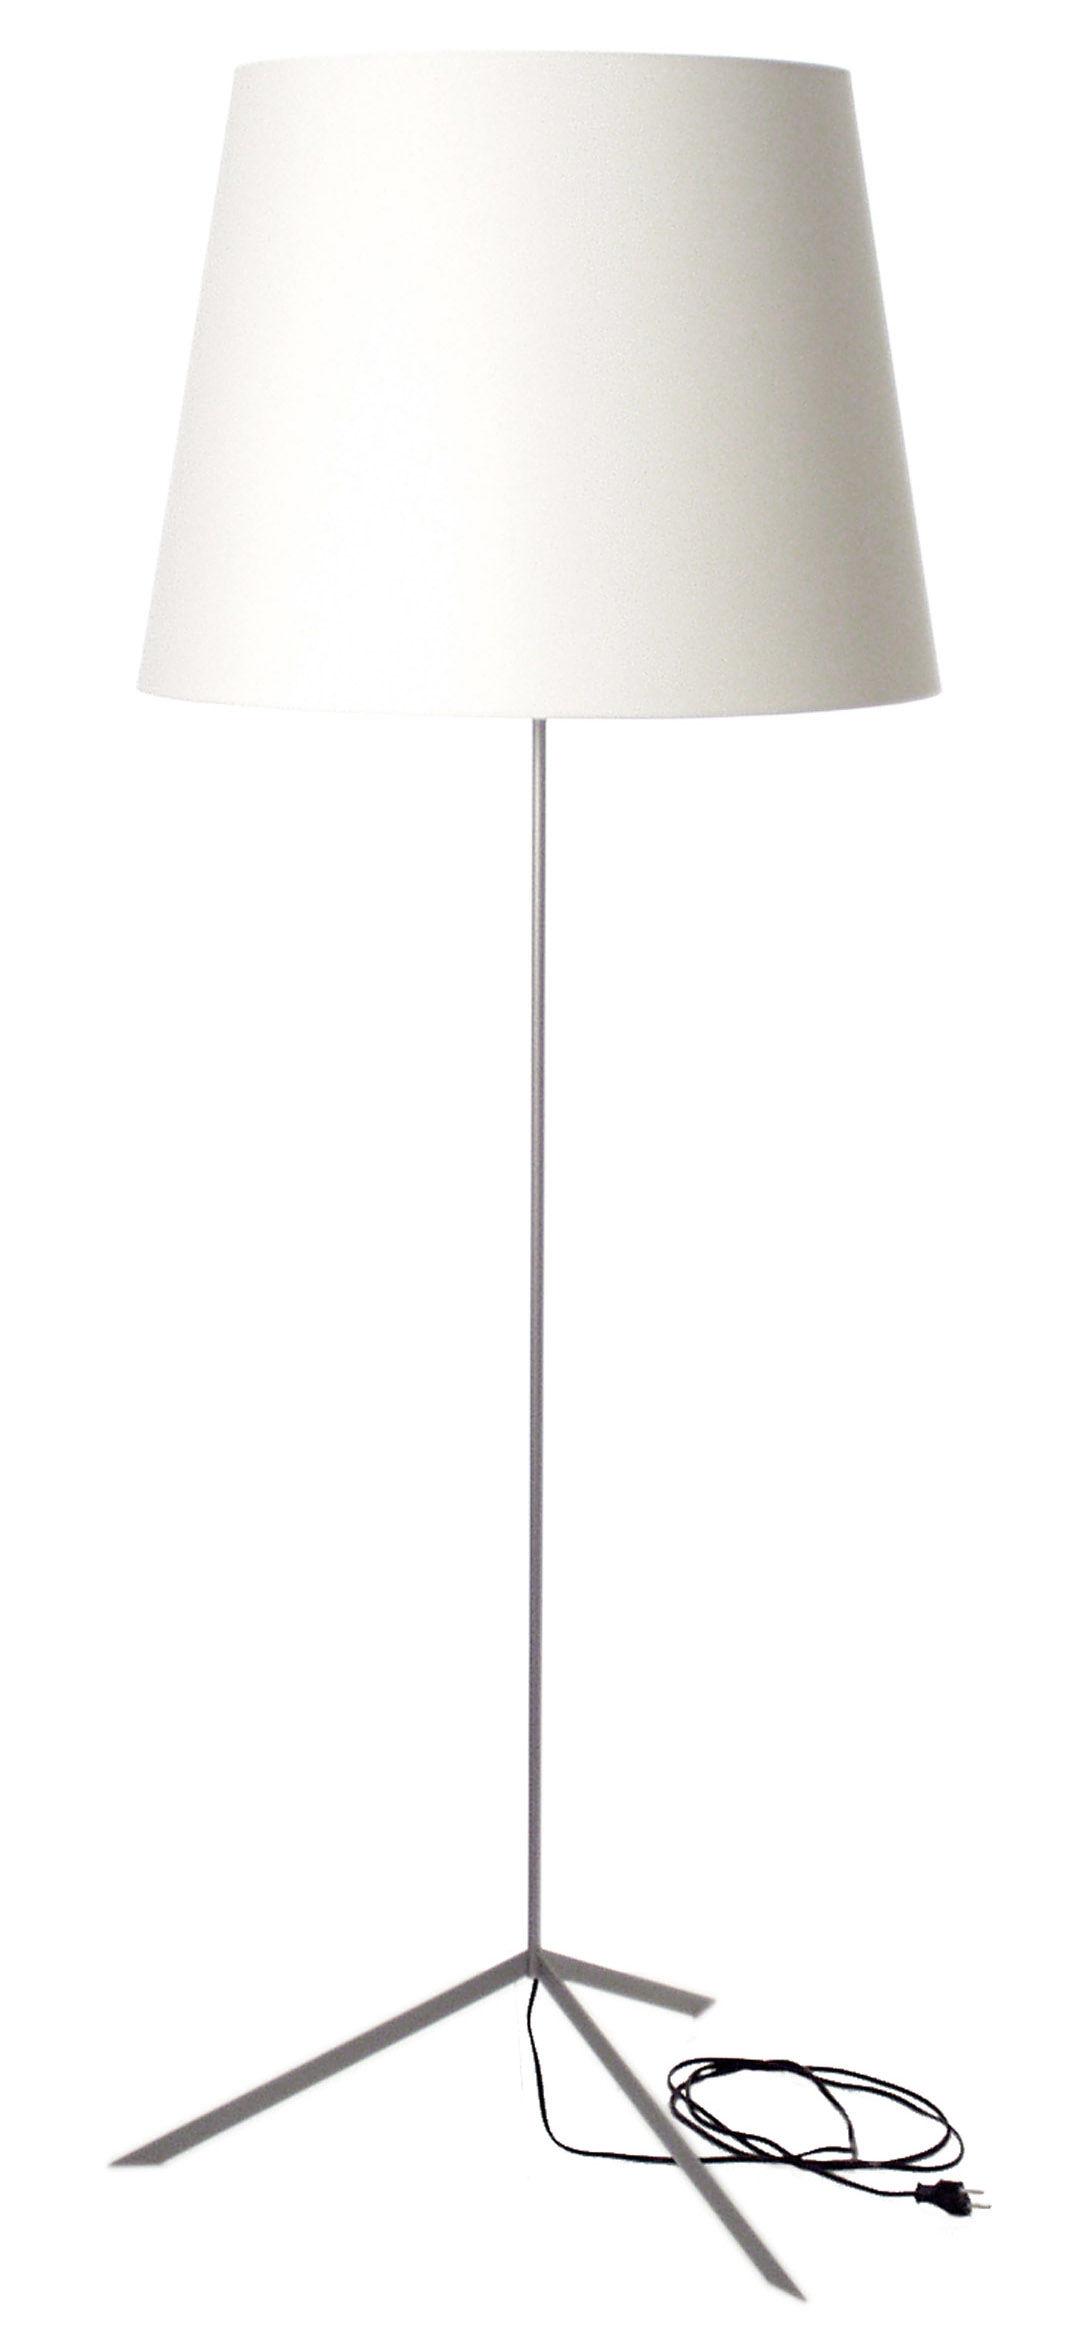 Leuchten - Stehleuchten - Doubleshade Stehleuchte - Moooi - Weiß - Baumwolle, verchromter Stahl